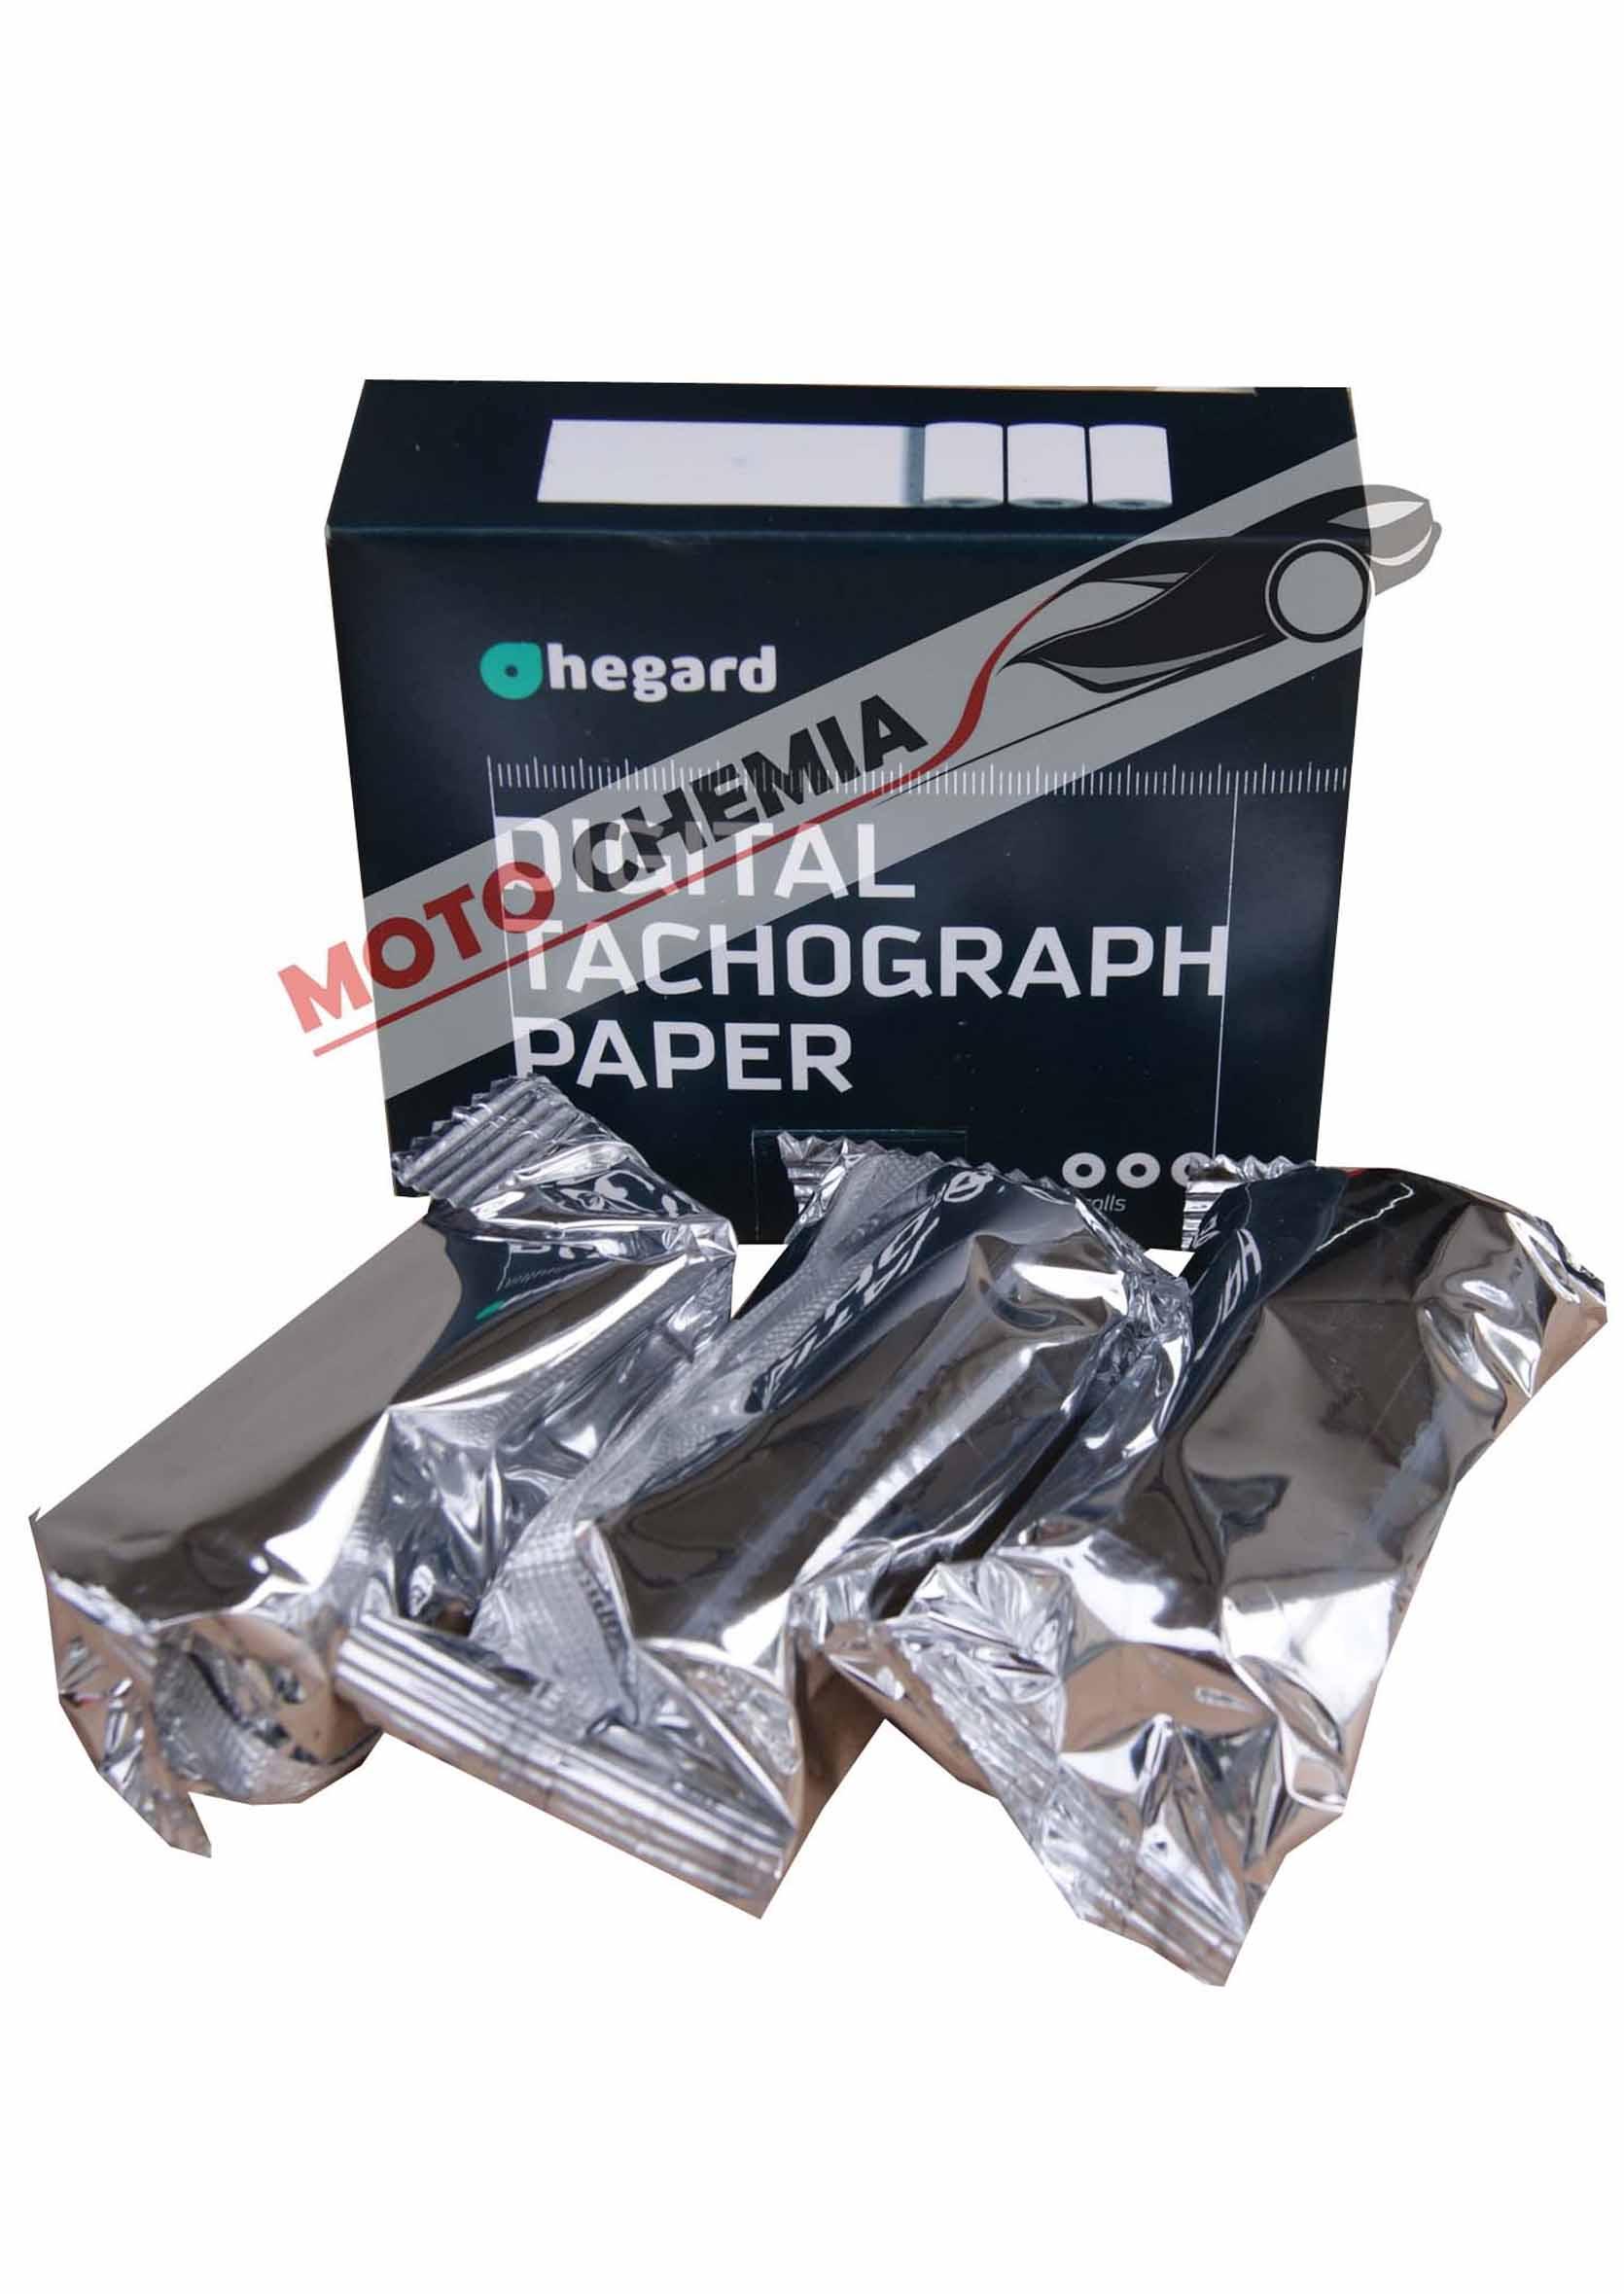 Hegard Papier Termiczny 3szt. do tachografu cyfrowego